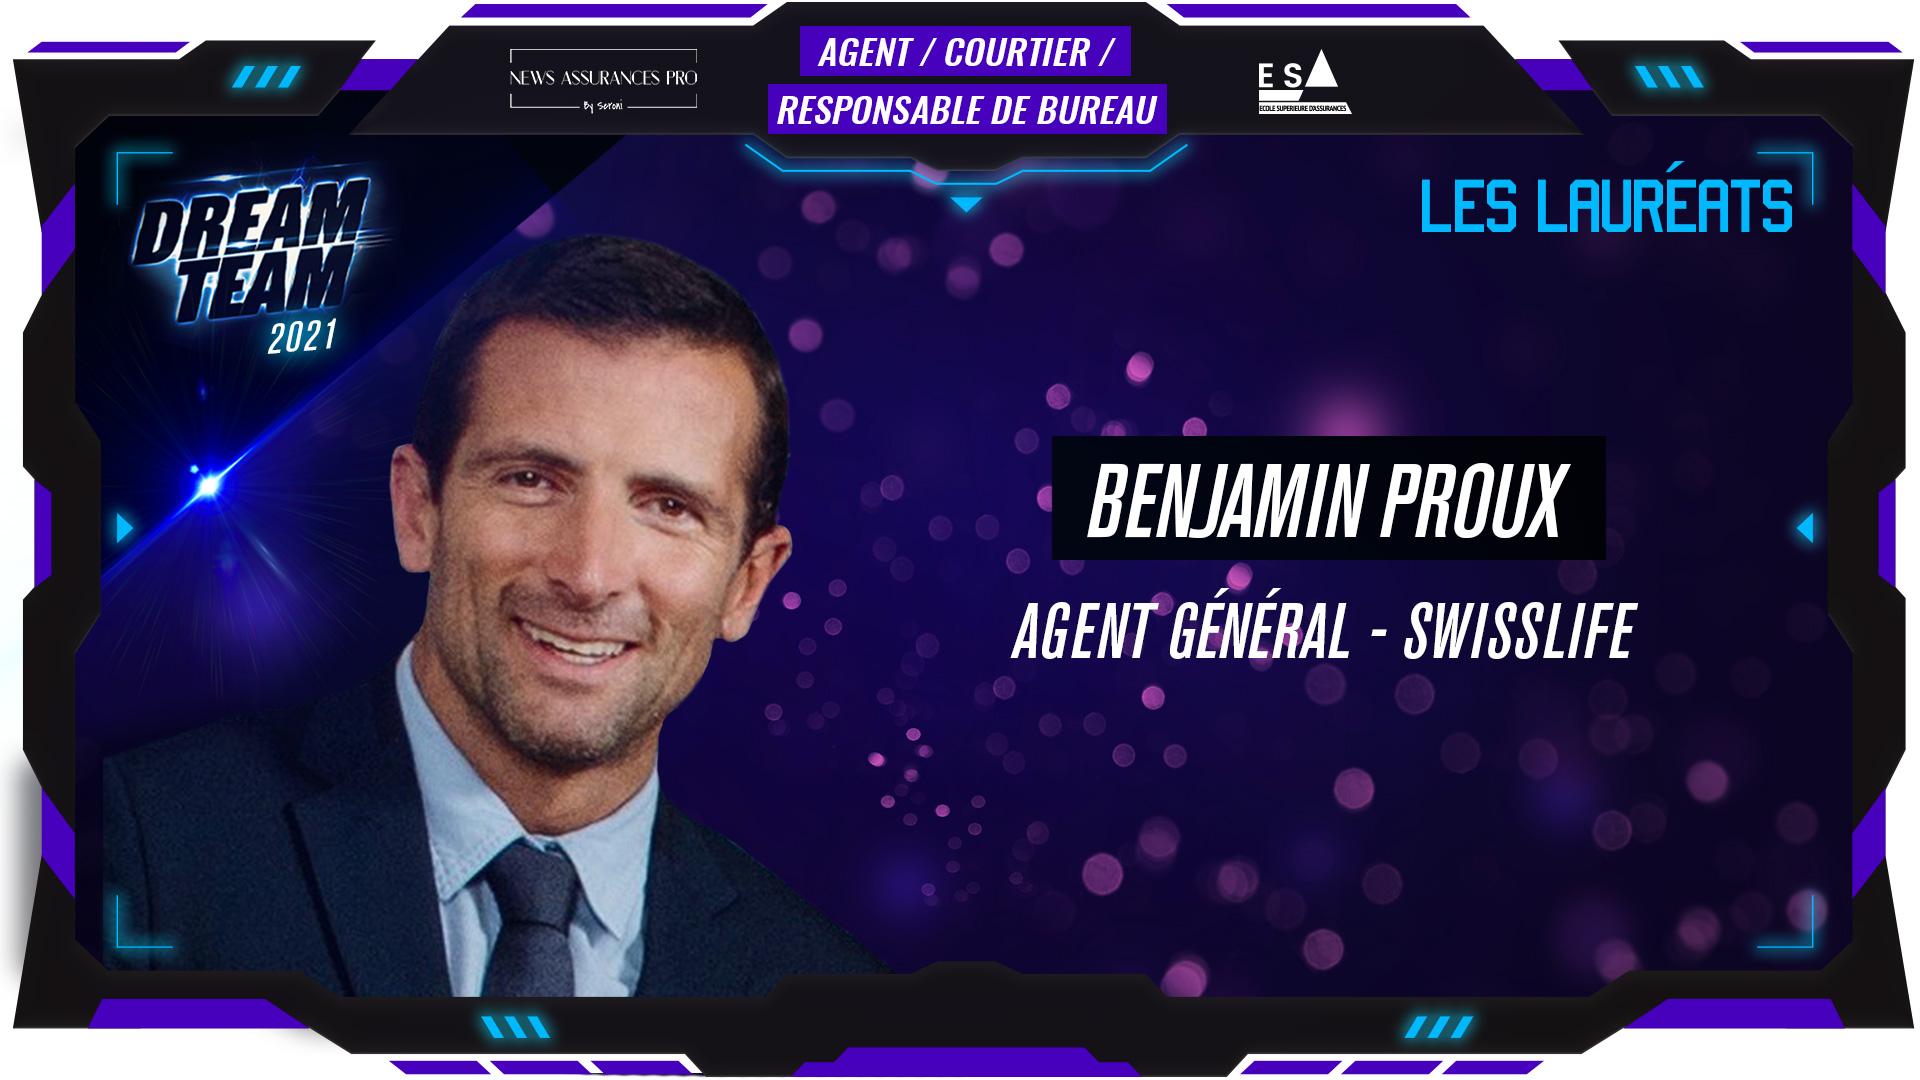 Benjamin Proux au poste de Agent Général